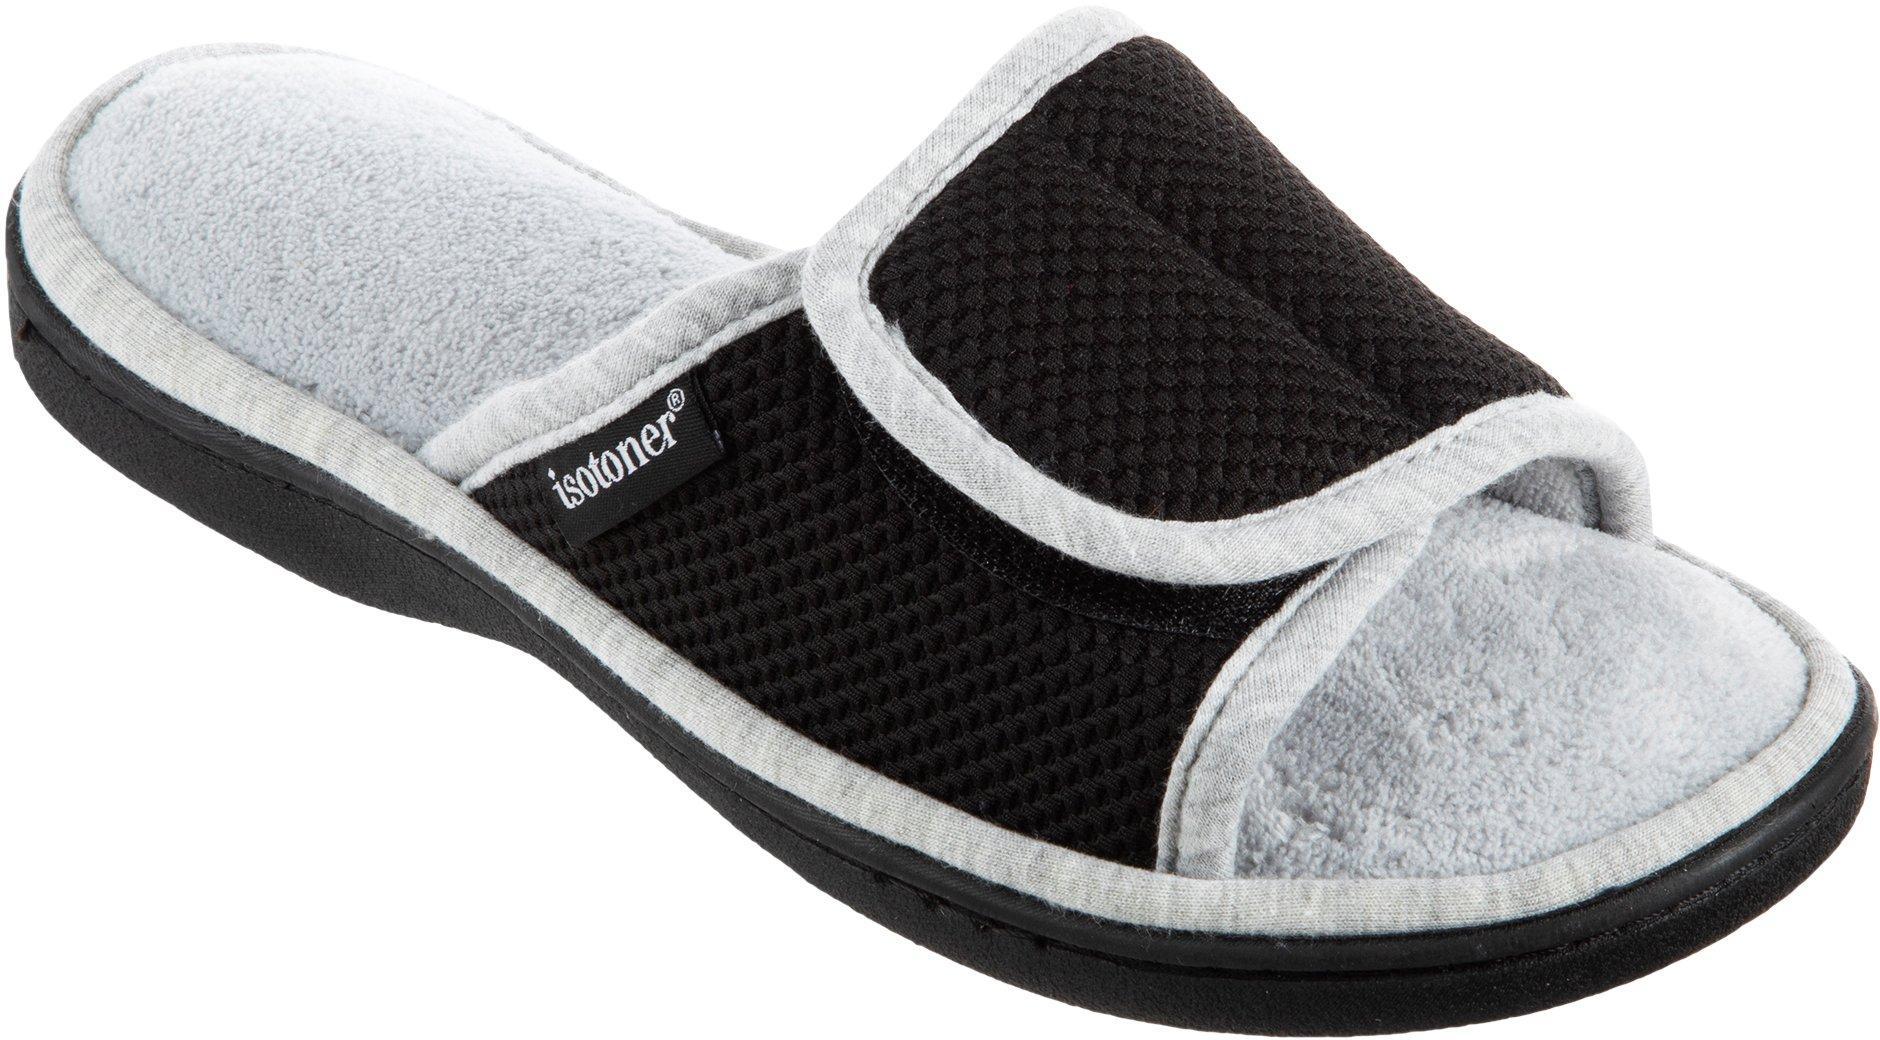 Kids Shoes Fur Slides Bedroom Flats Slippers Sport Sandals Pink Black Gray